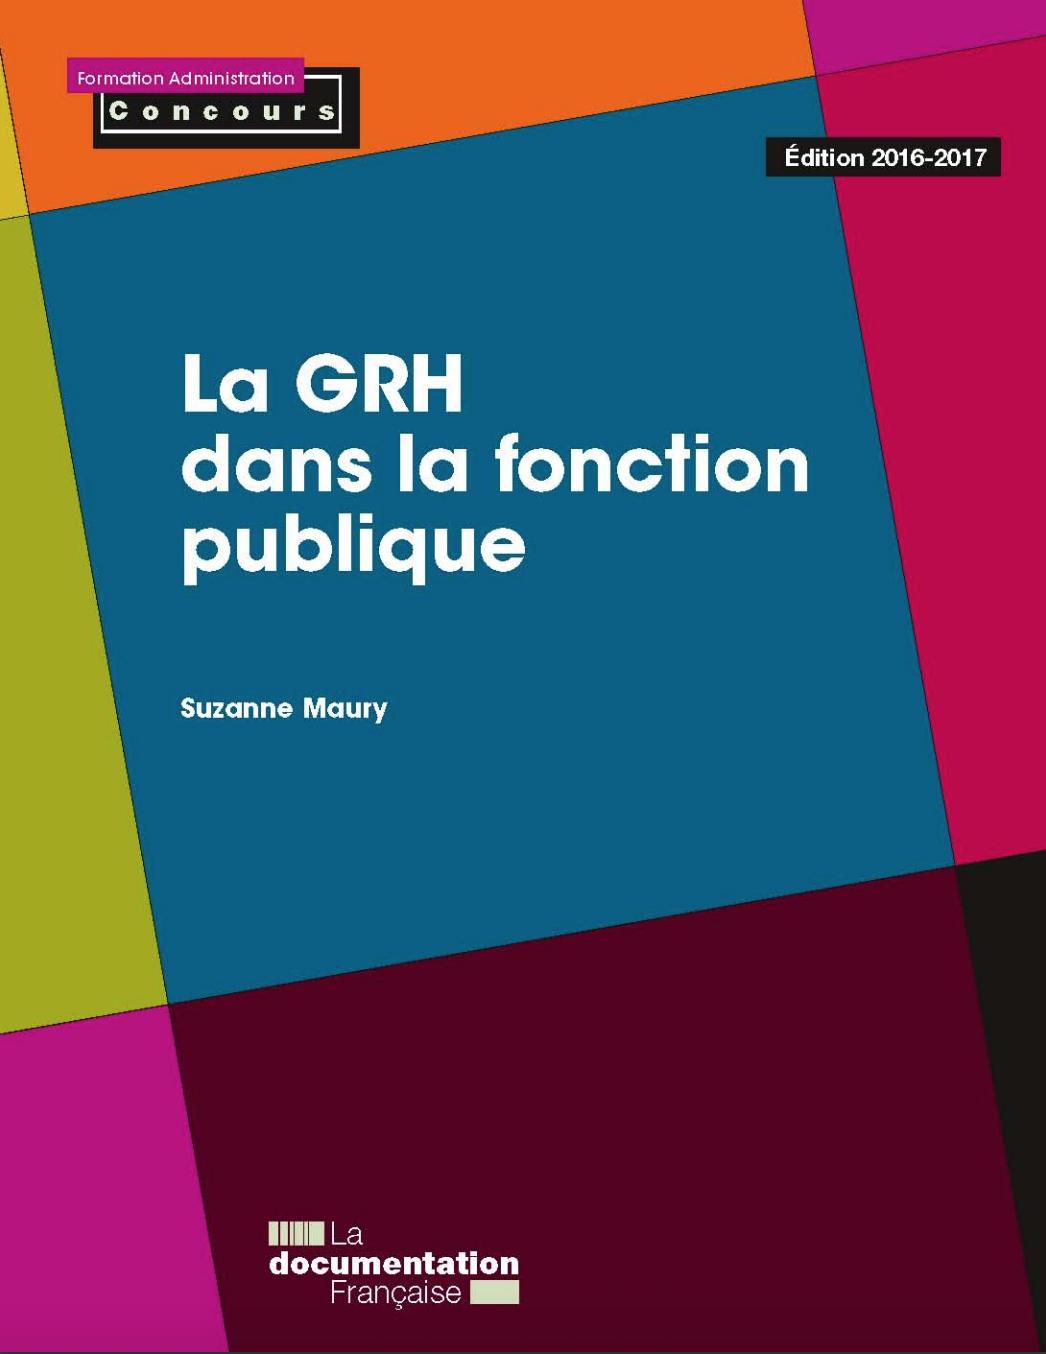 grande biblioth u00e8que   la grh dans la fonction publique en pdf